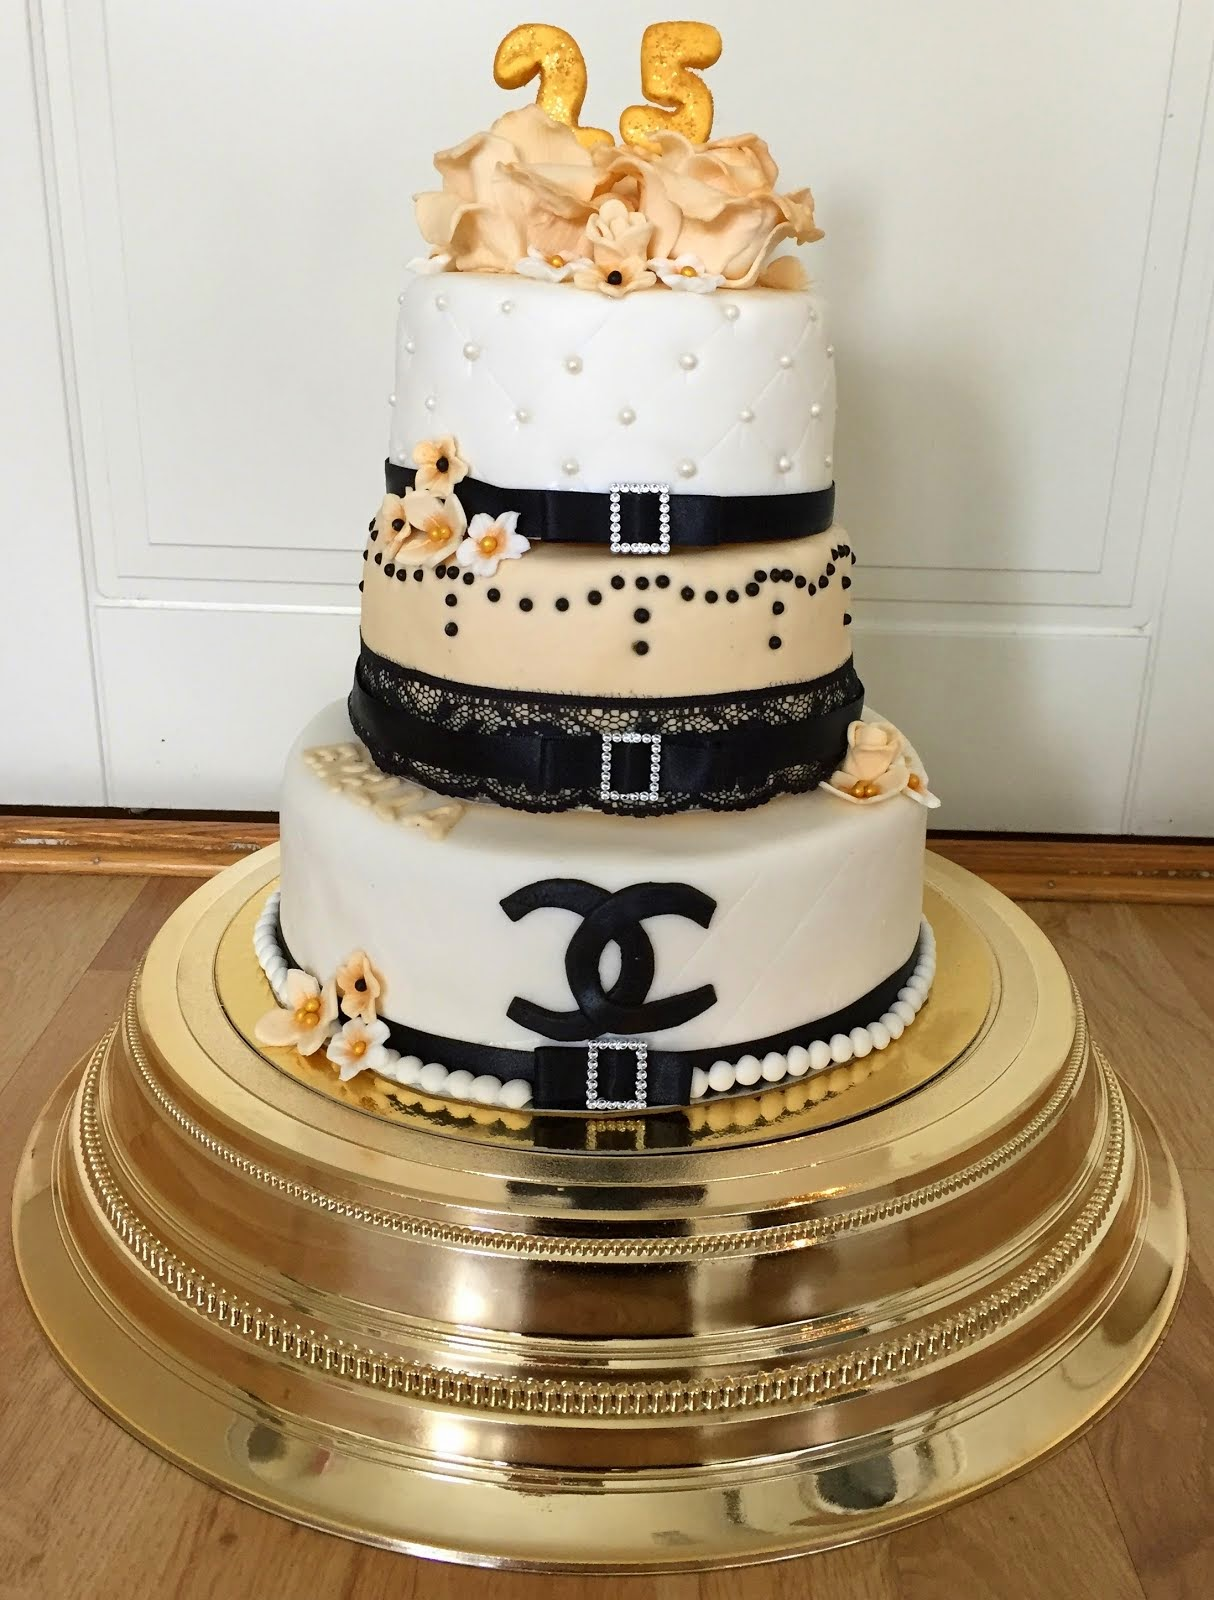 Chaneltårta i tre våningar